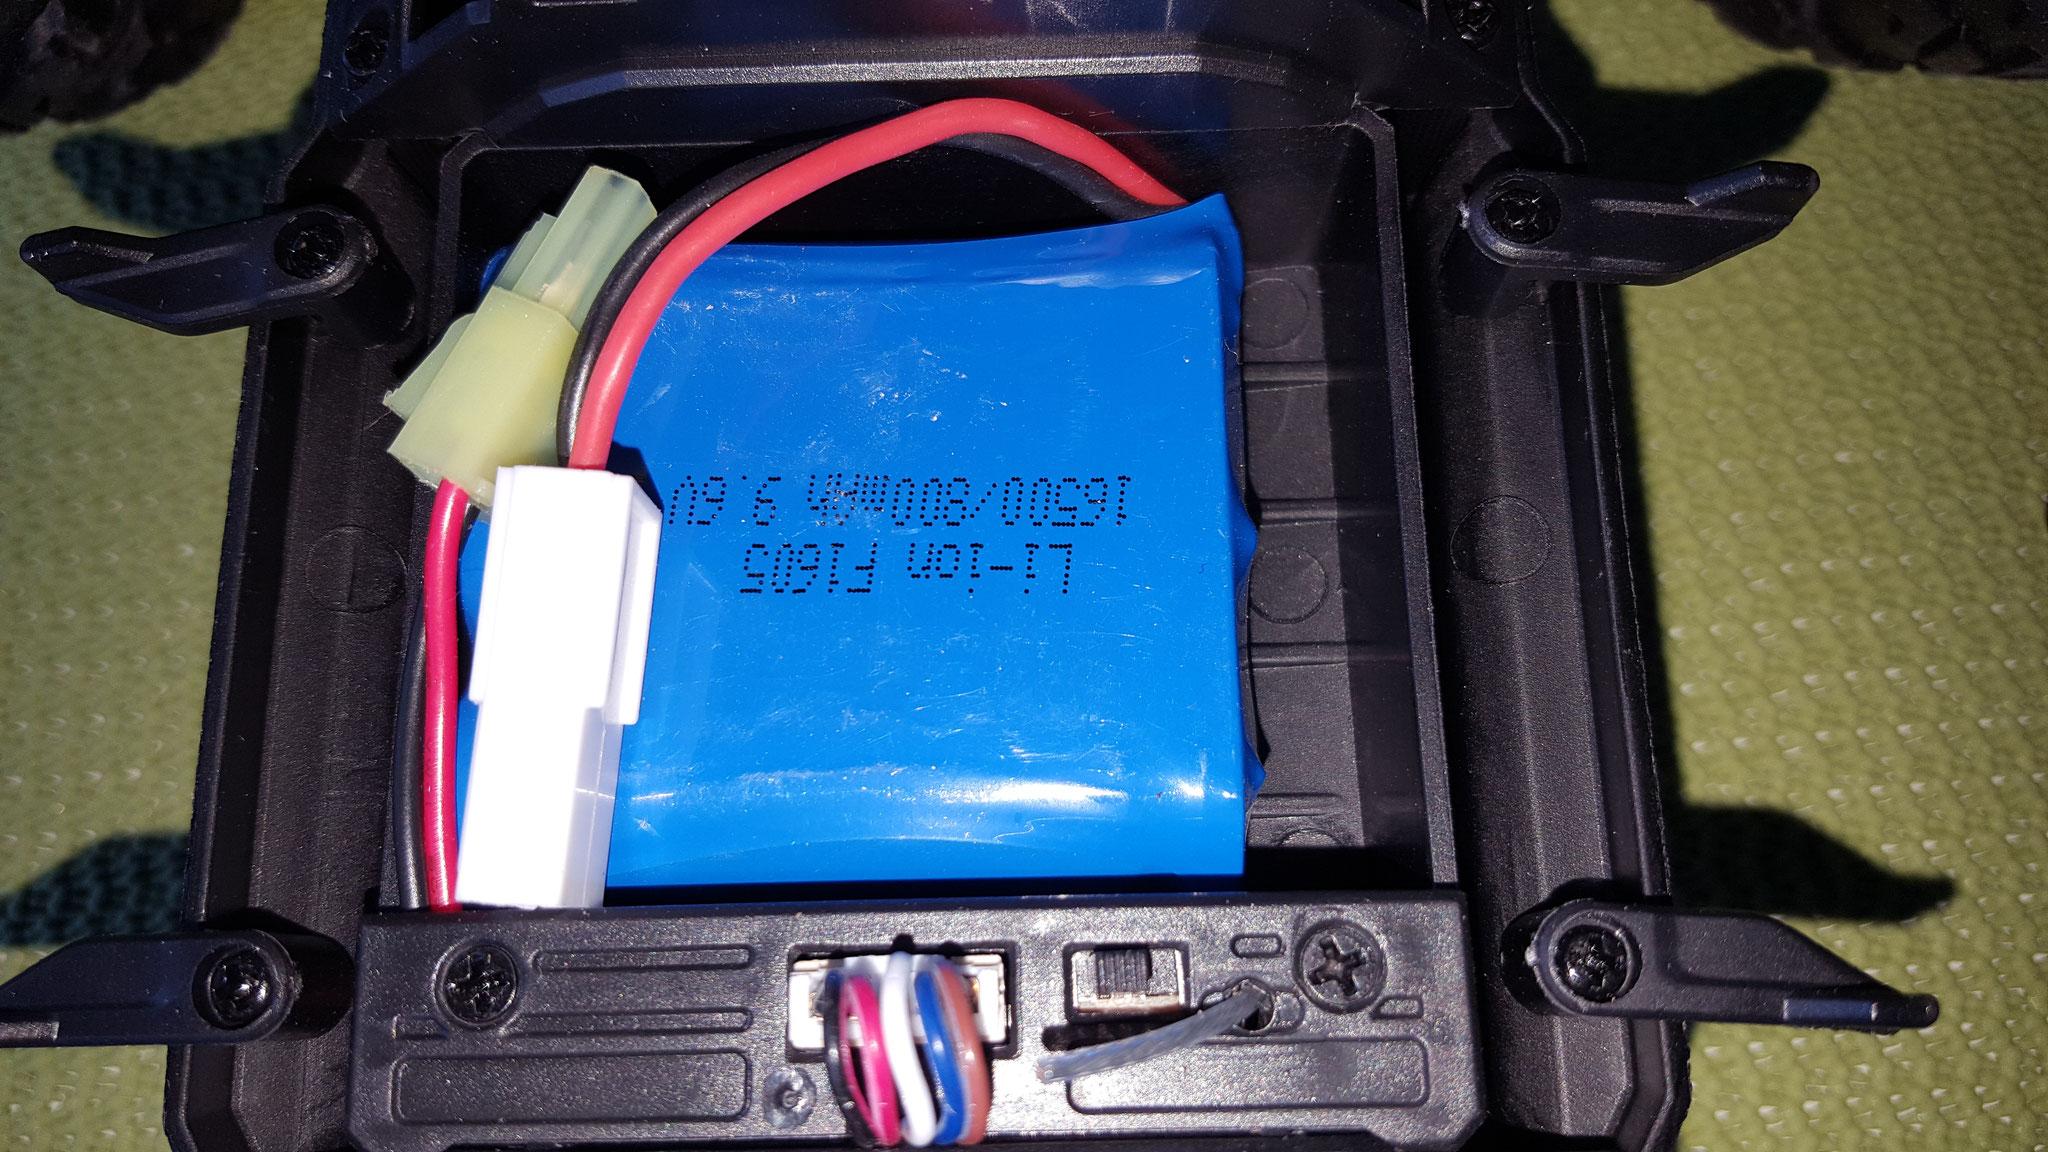 Batteriefach offen mit eingelegtem Akku, hier findet sich auch der Ein/Ausschalter